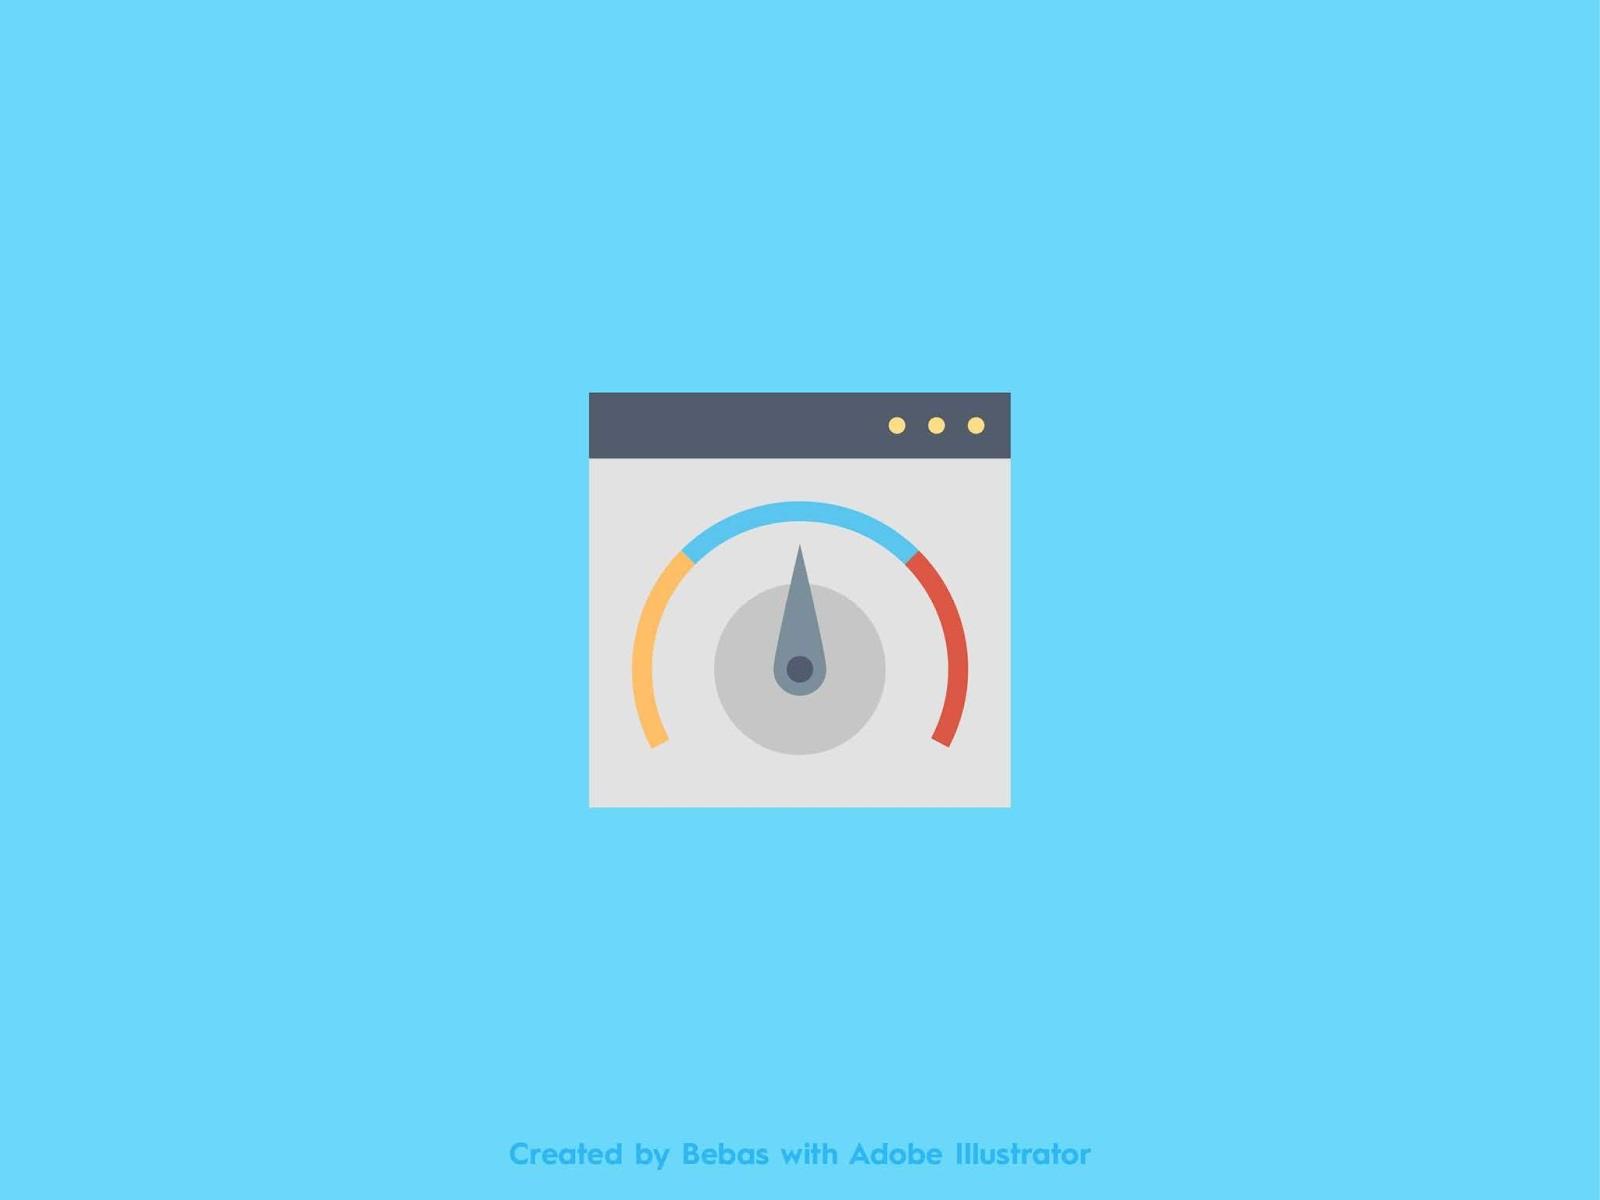 Cara Paling Efektif Mengurangi Waktu Loading Blog